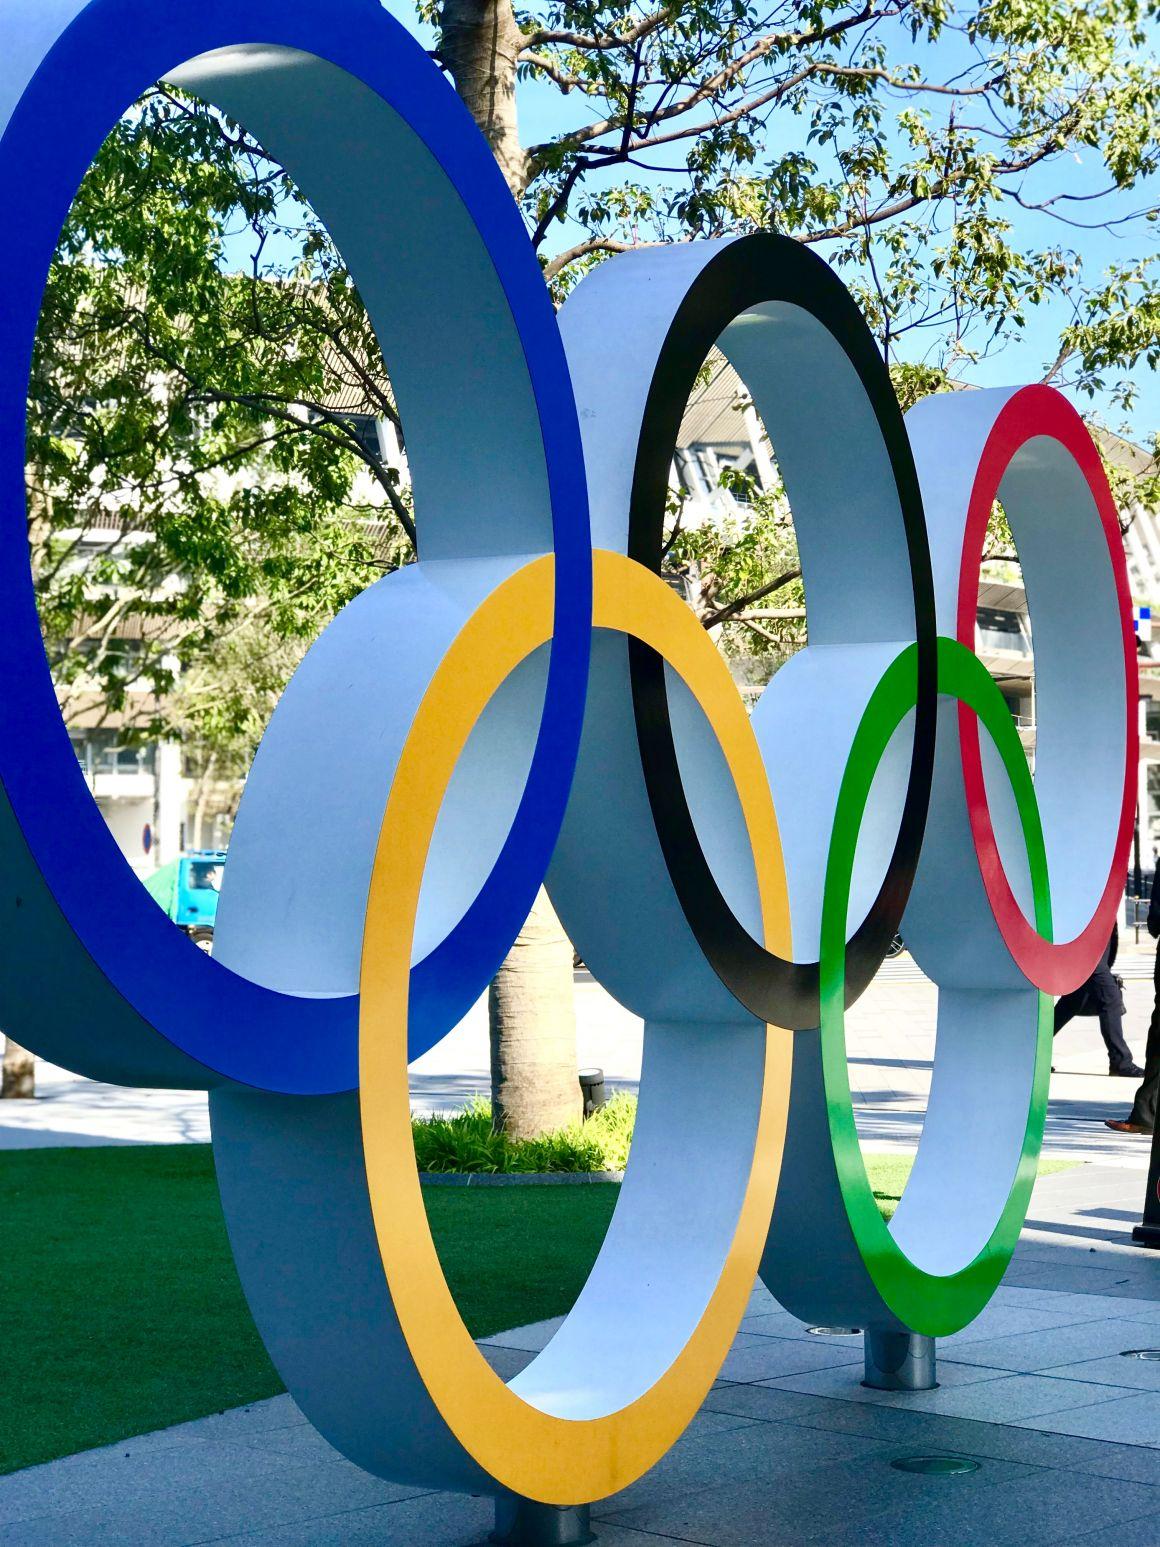 Kétszer akkora pénzjutalmat kapnak a jó eredménnyel hazatérő olimpiai sportolók!